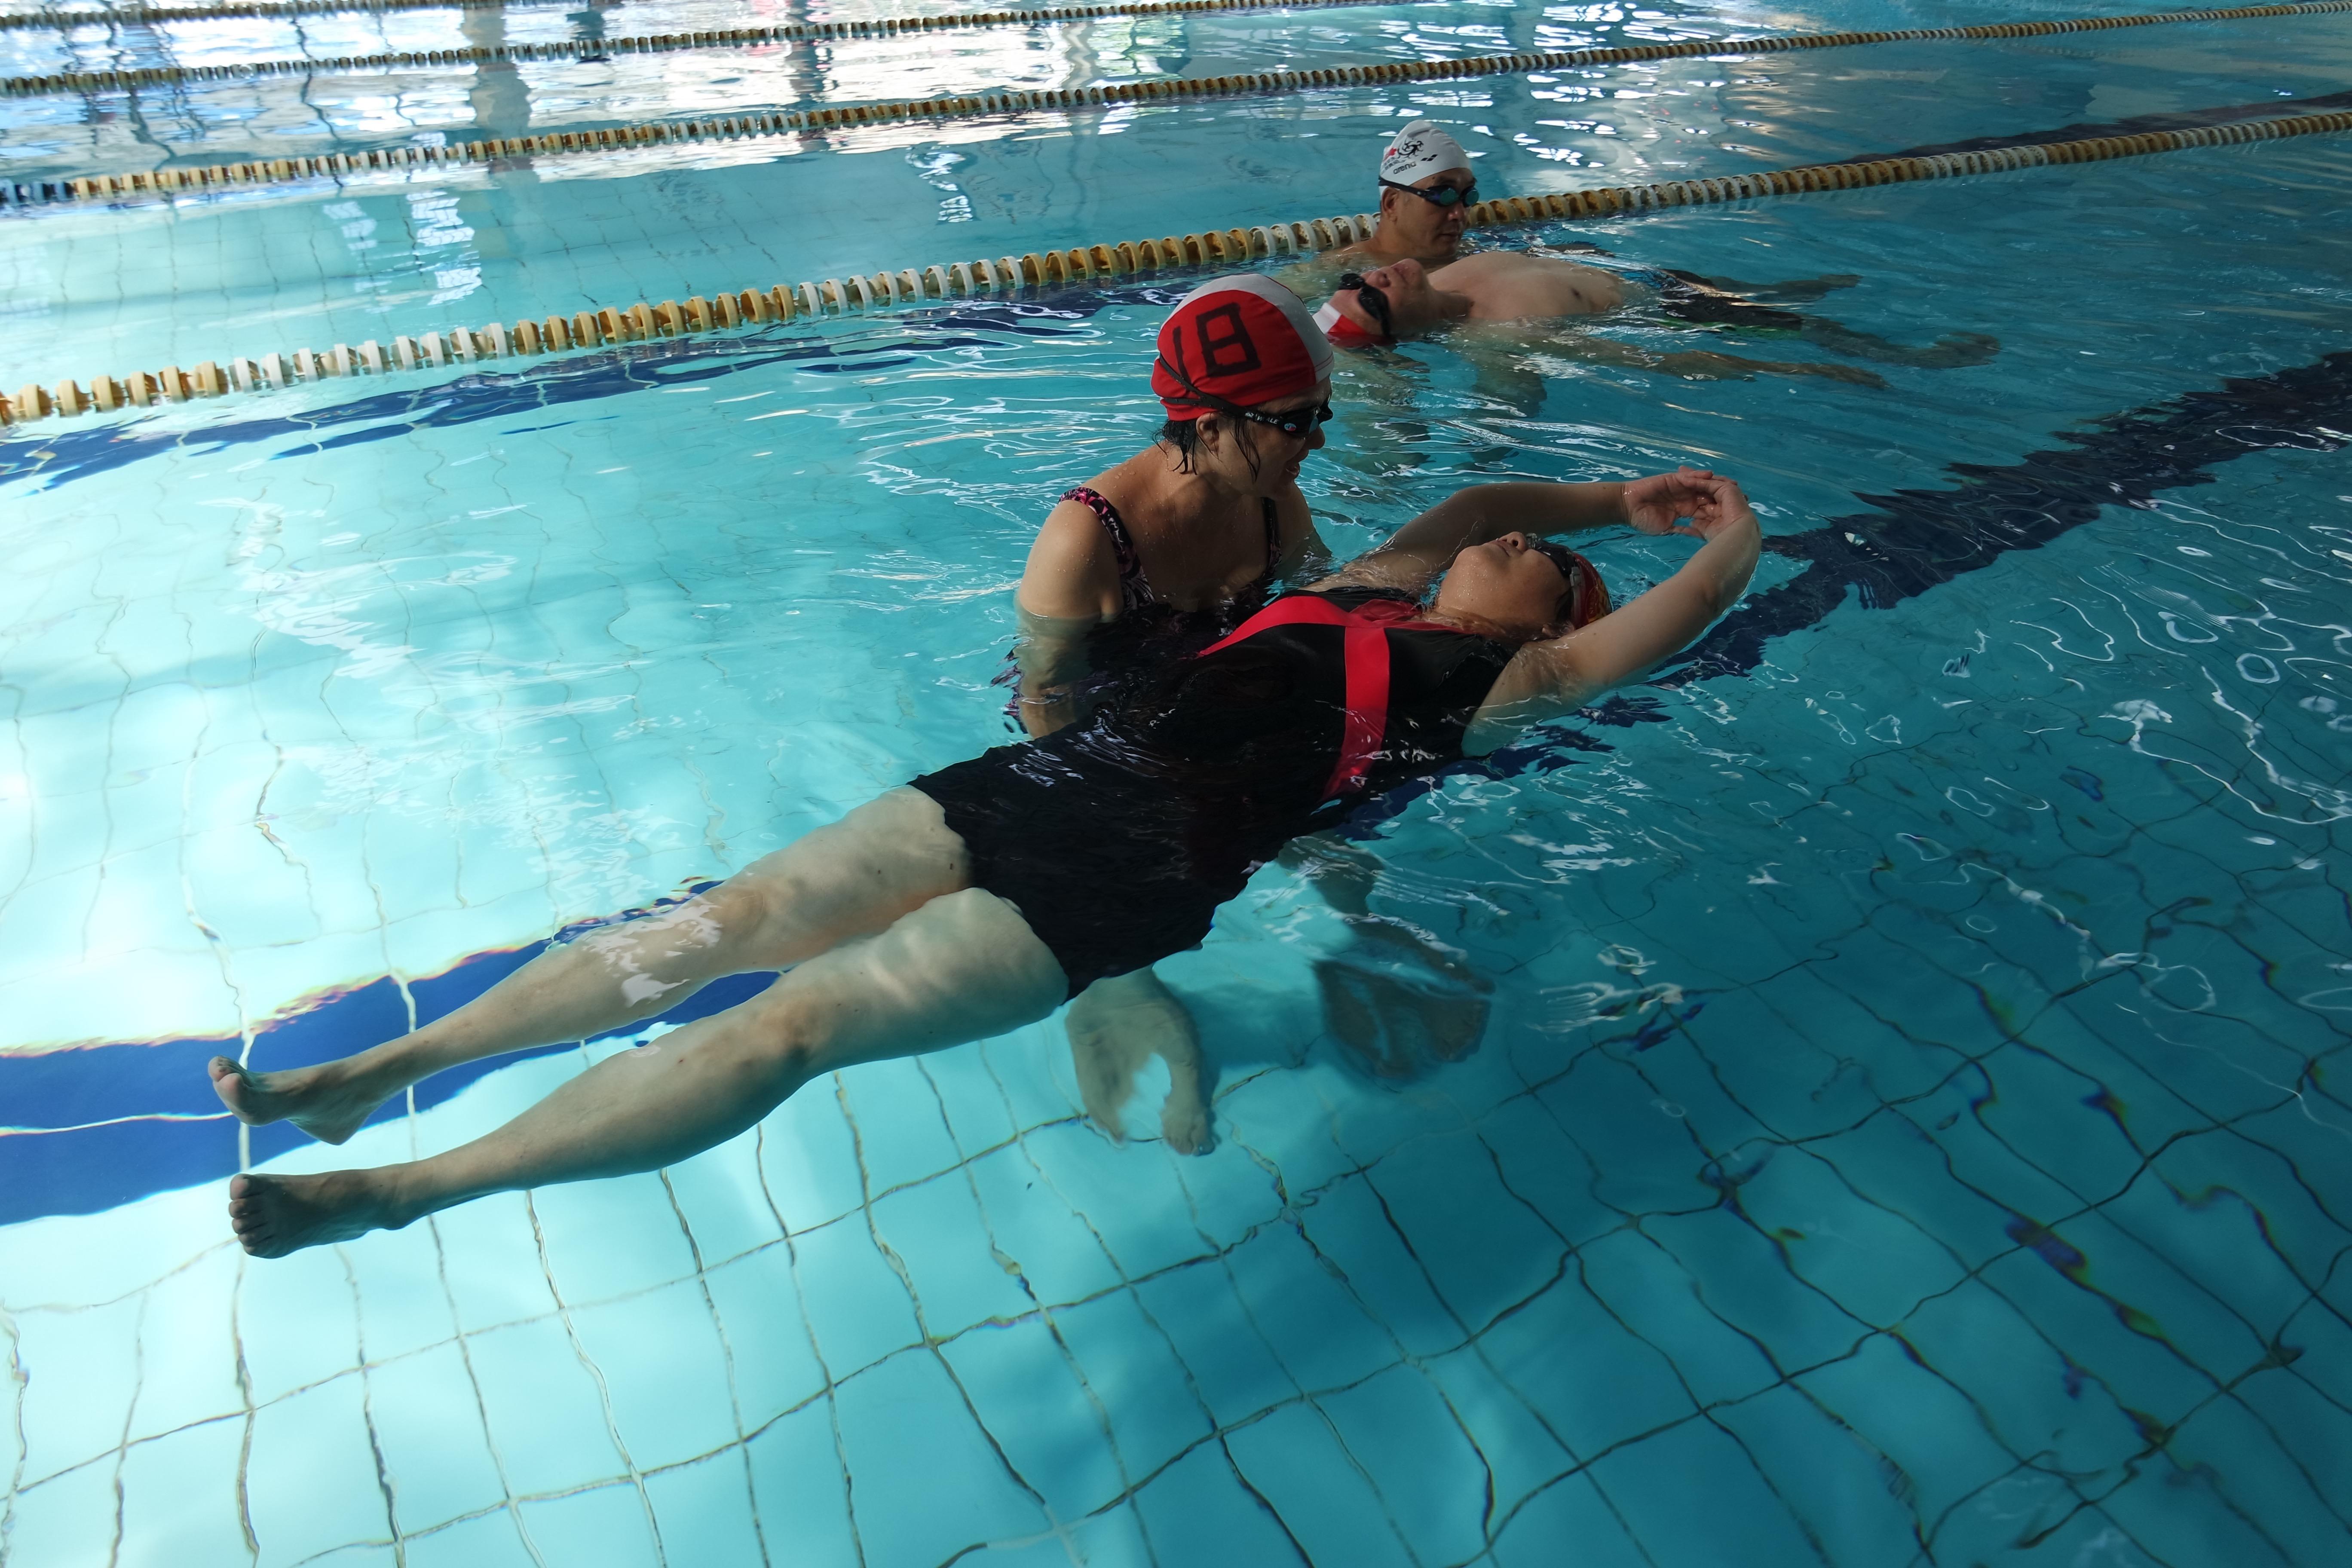 訓練班學員訓練班學員互助練習救援動作。攝影/戴若涵